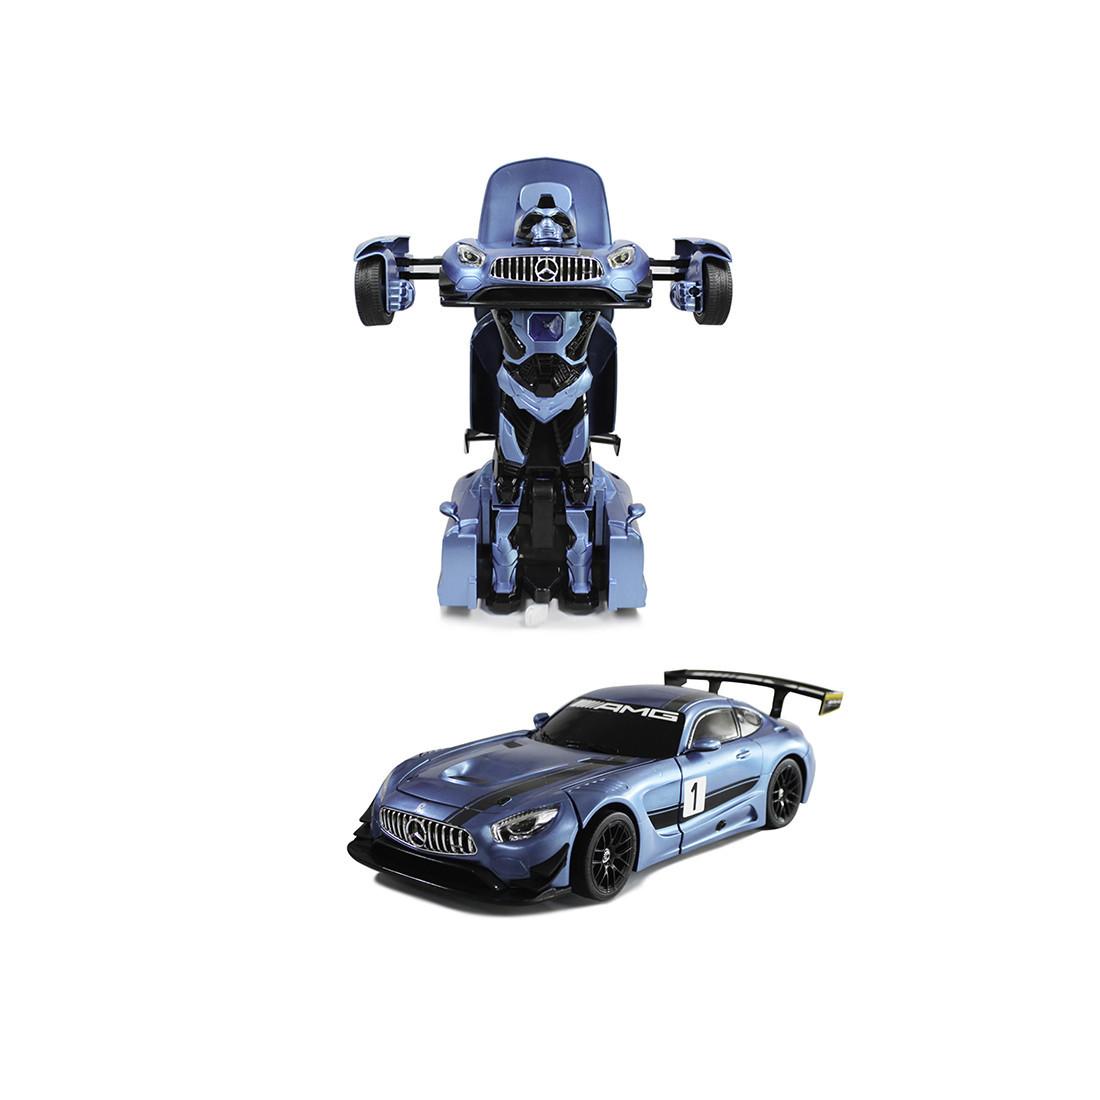 Игрушка трансформер Rastar Mercedes-Benz GT3, Управление: Пульт дистанционного управления - 2,4ГГц, Трансформа